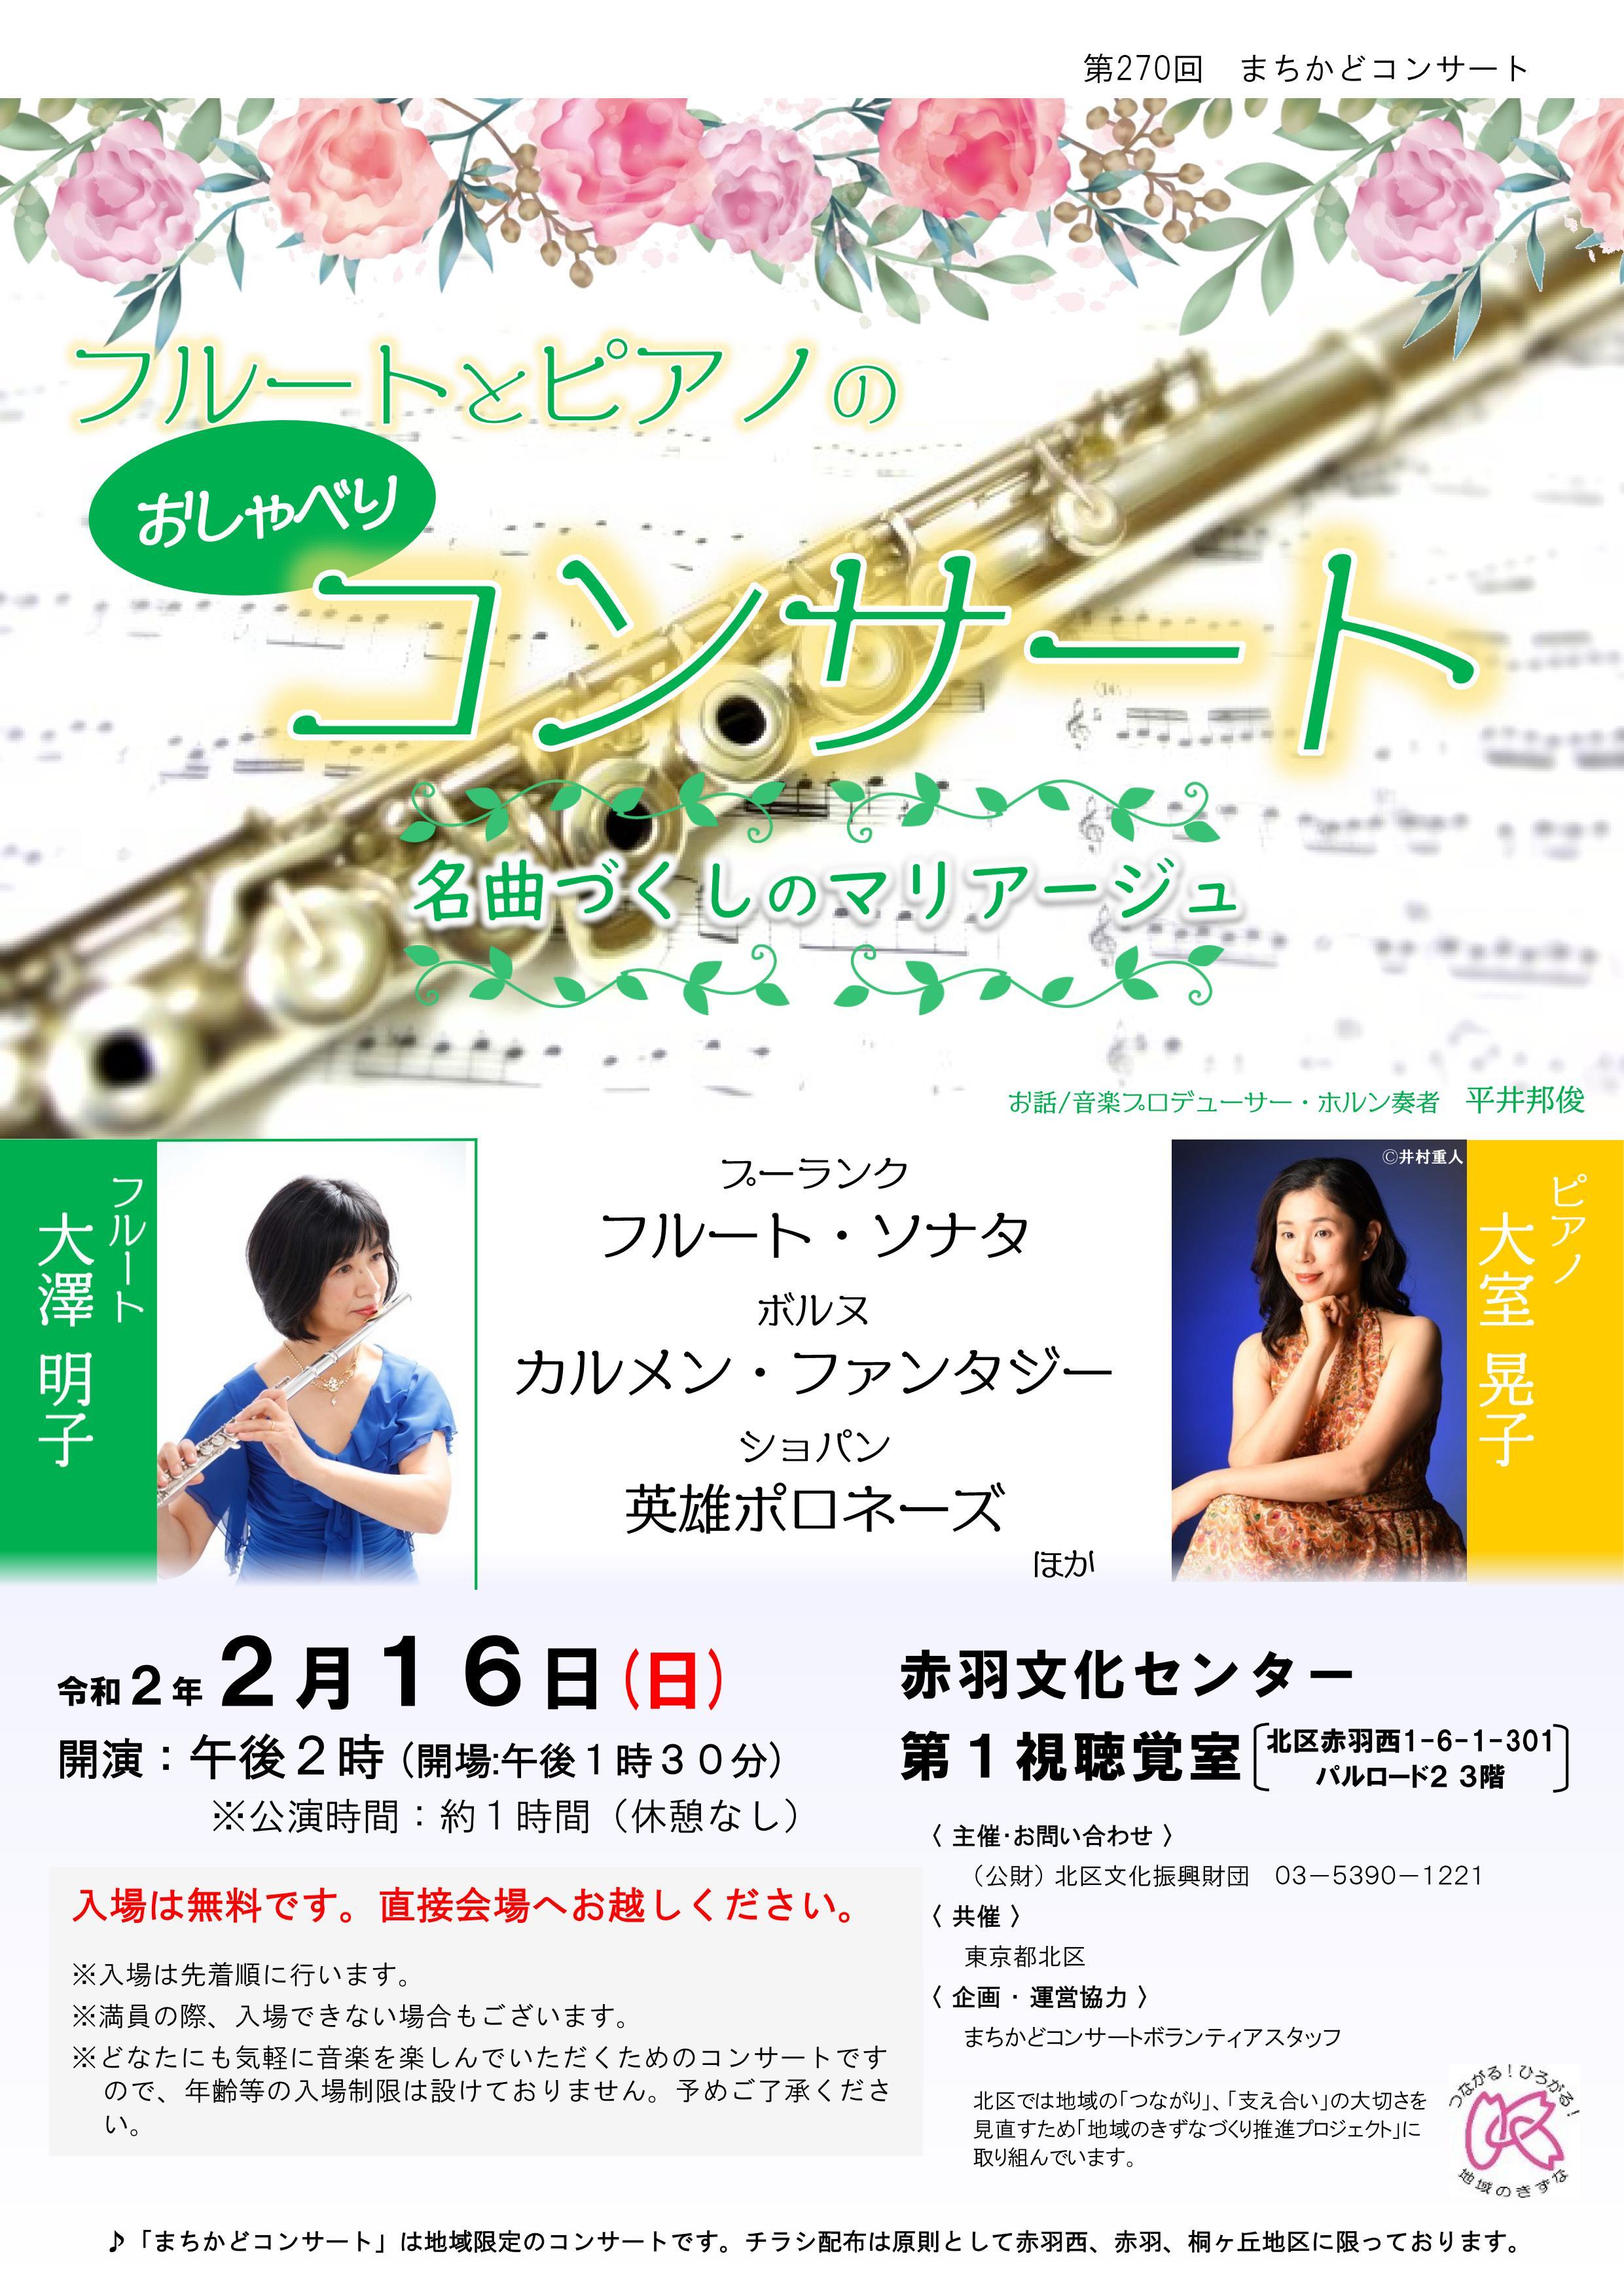 【まちかどコンサート】フルートとピアノのおしゃべりコンサートの画像